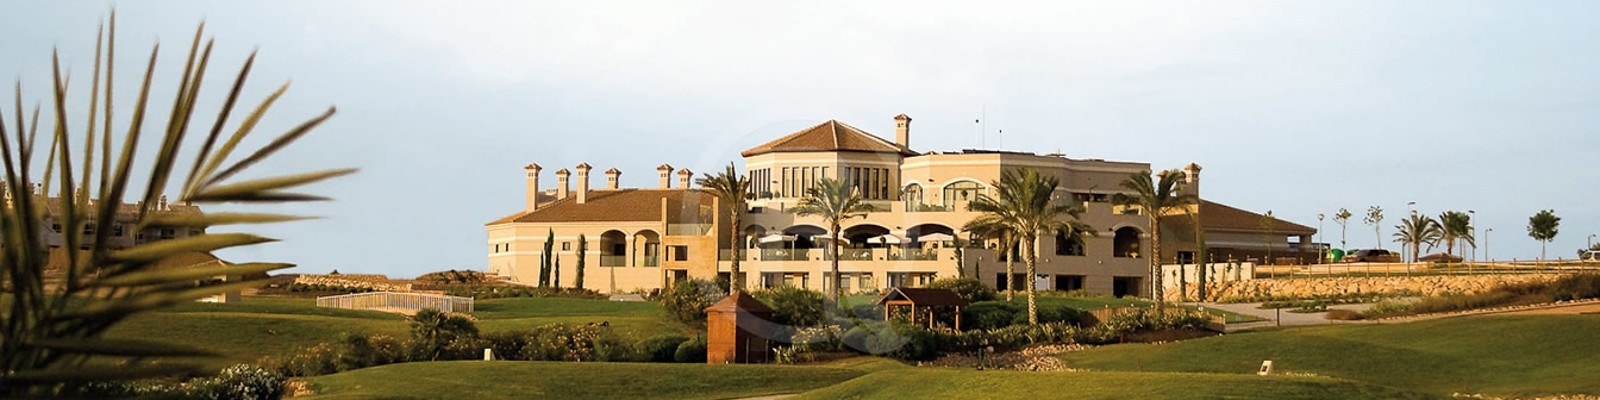 Hacienda Del Alamo – HDA